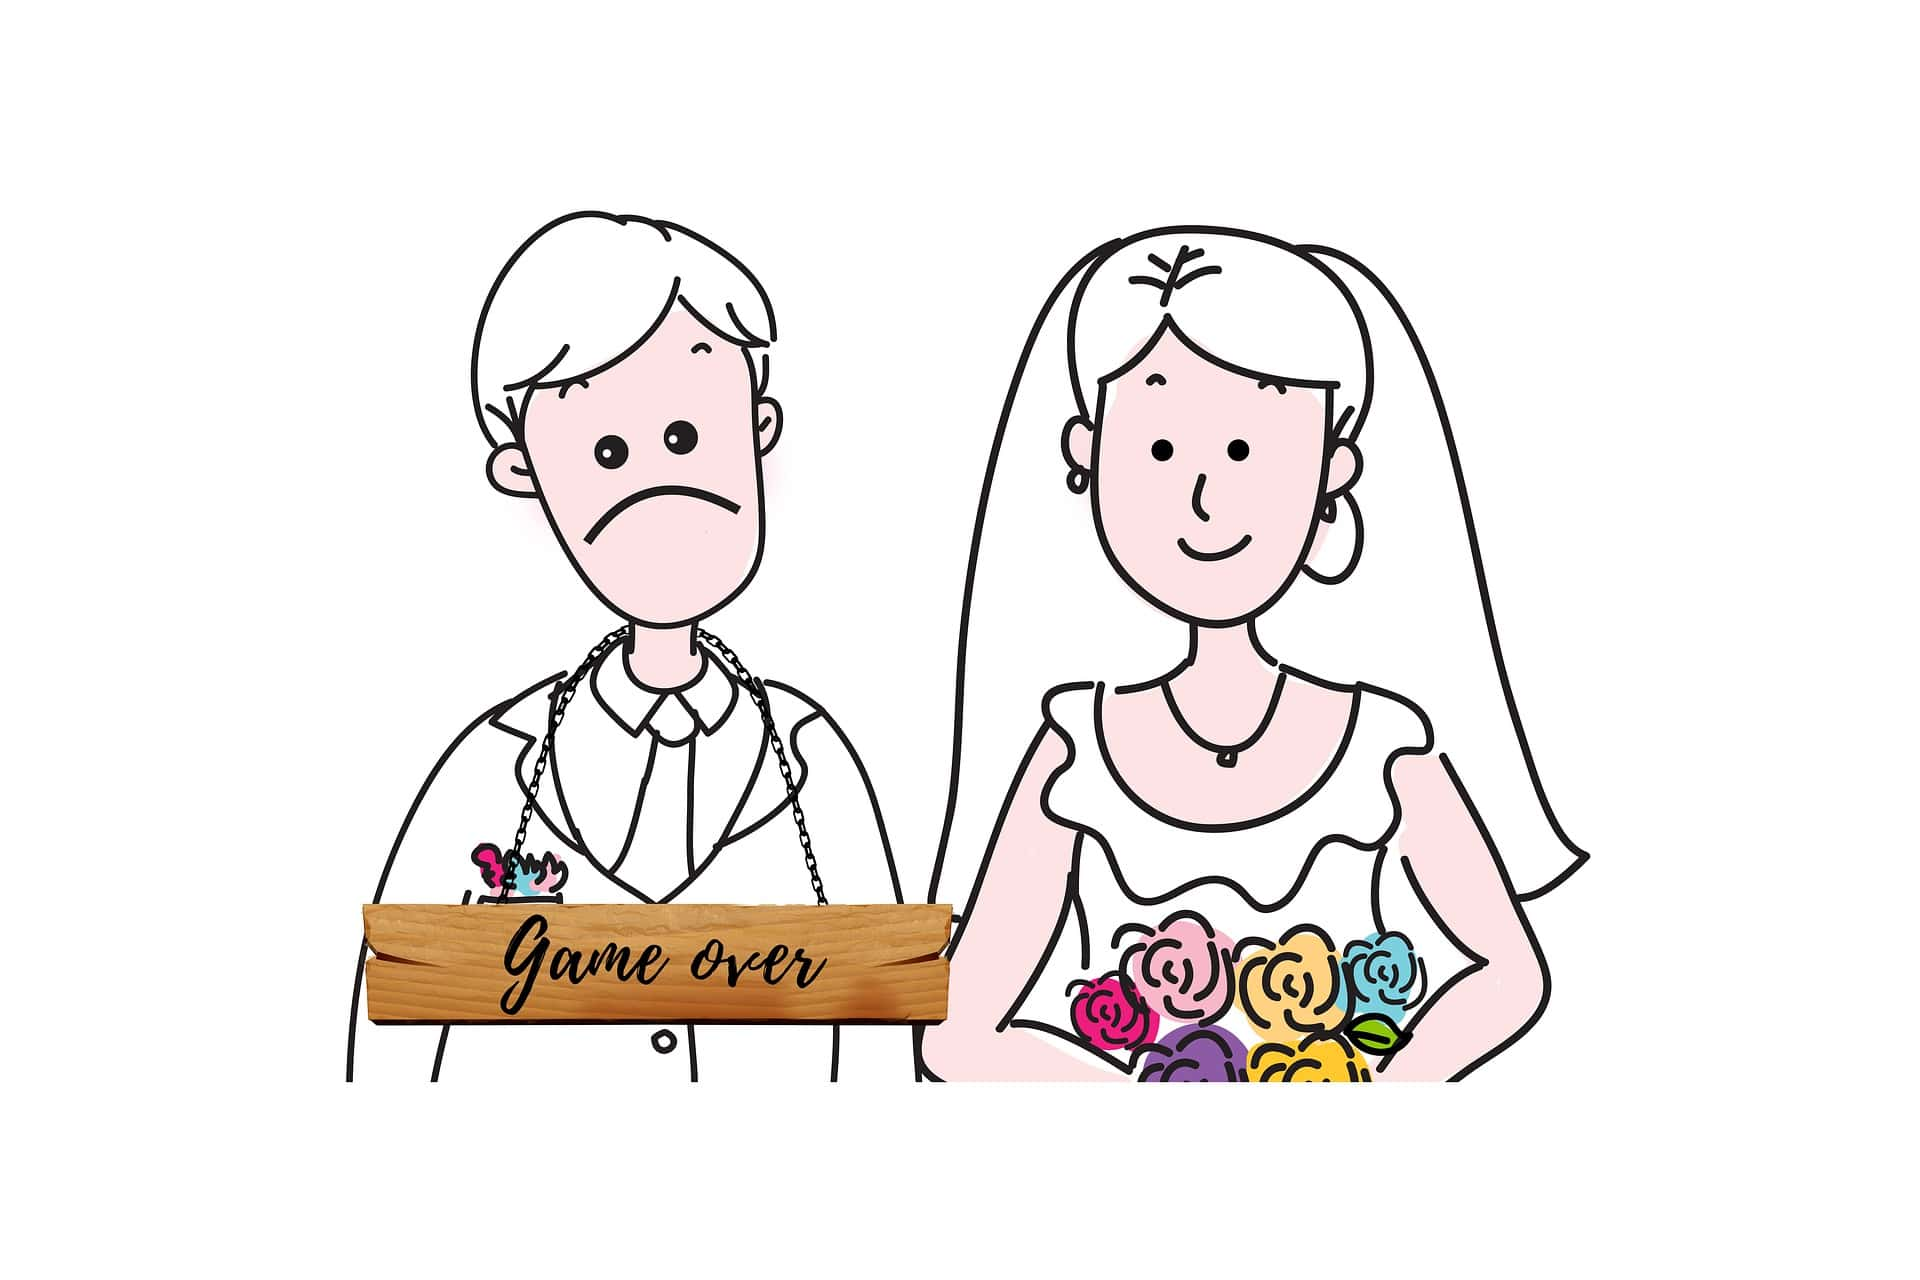 réduction pour célibataire impôts